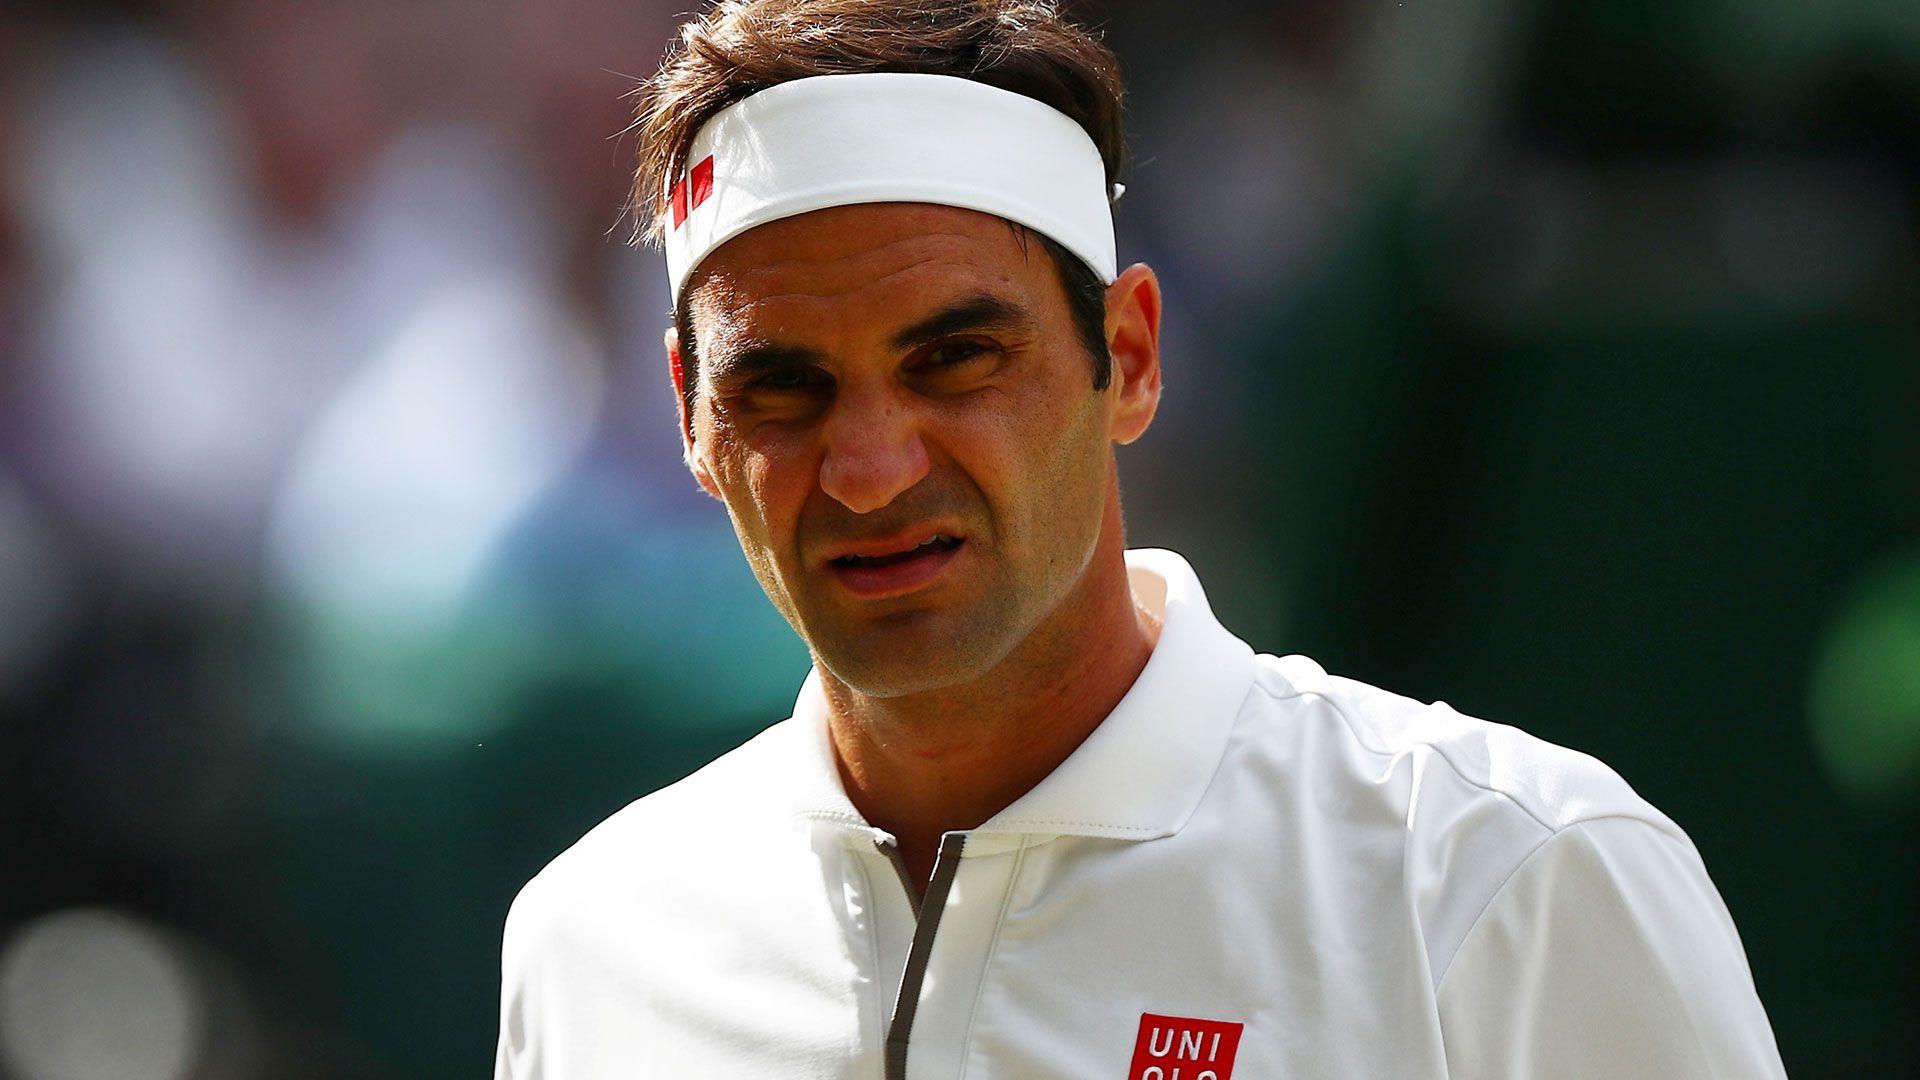 El suizo quiere su 21° título de Grand Slam (Reuters)